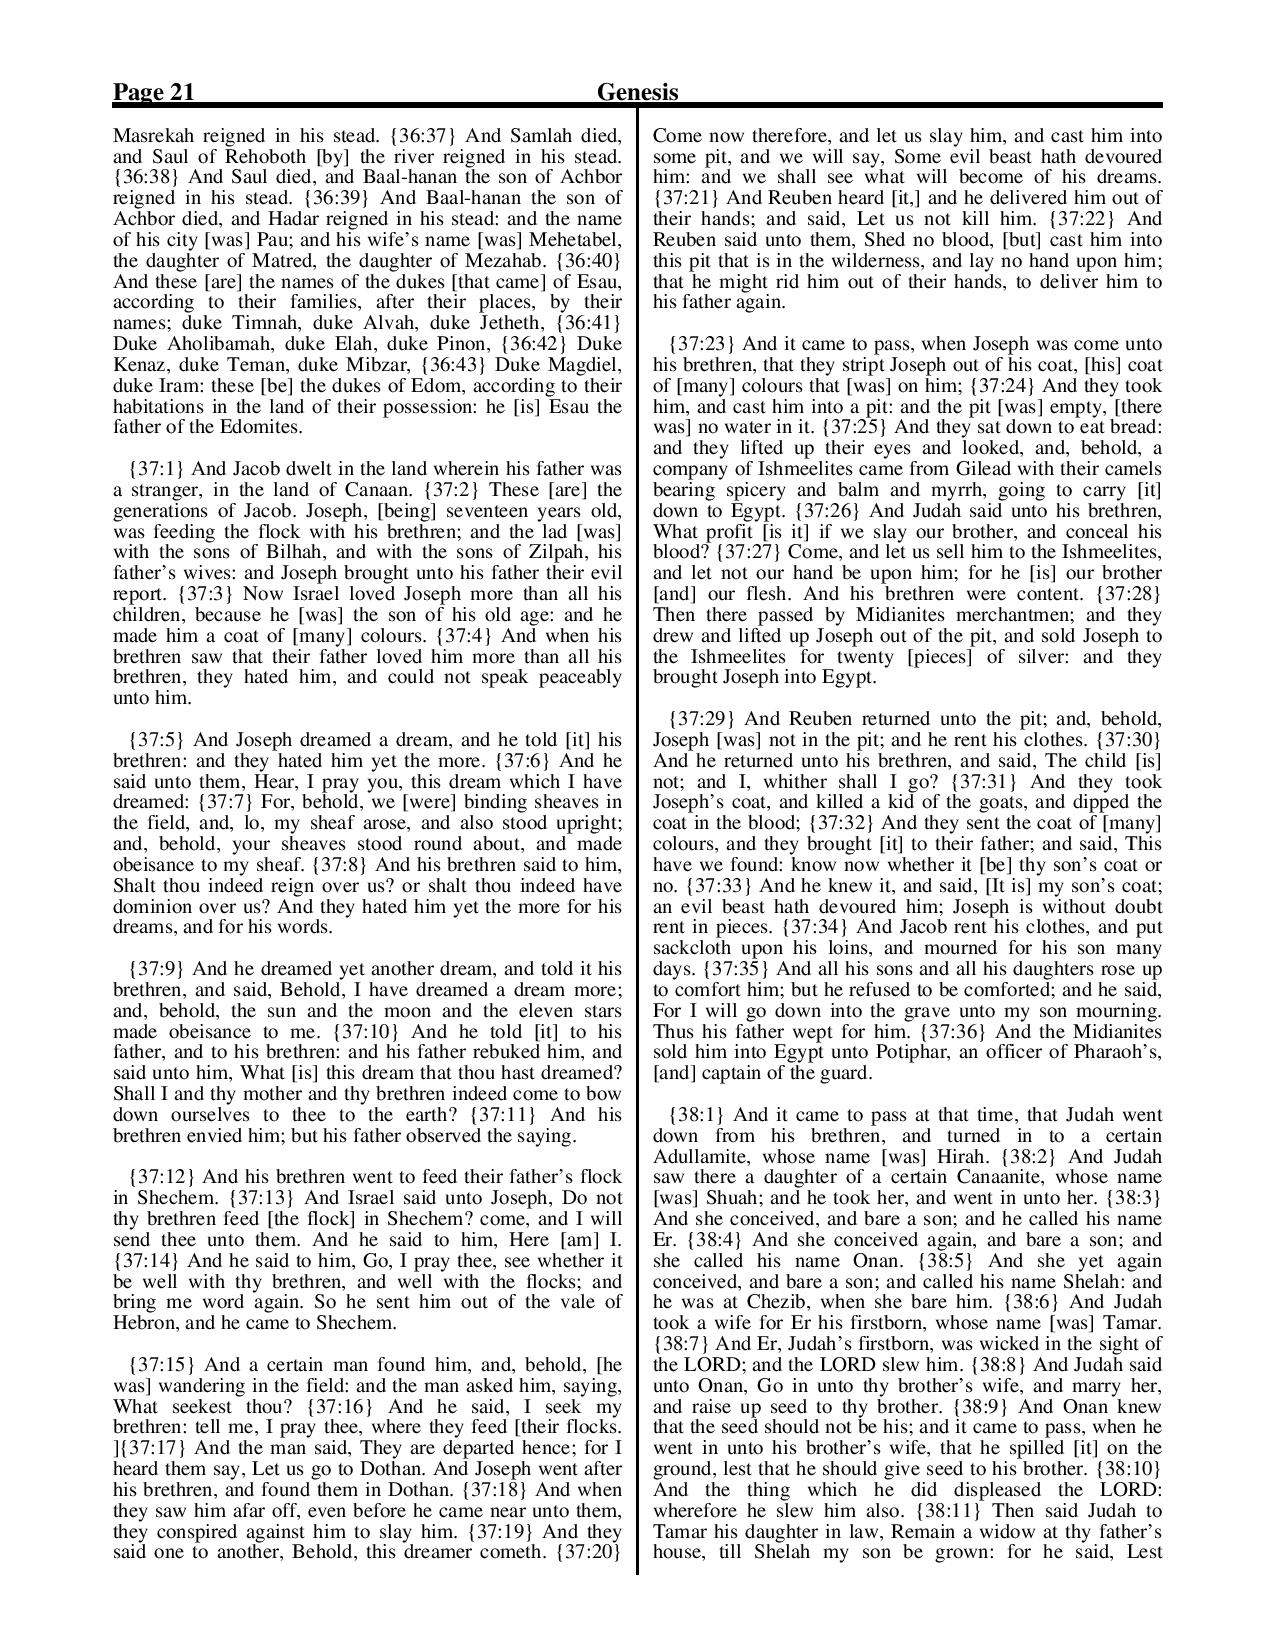 King-James-Bible-KJV-Bible-PDF-page-042